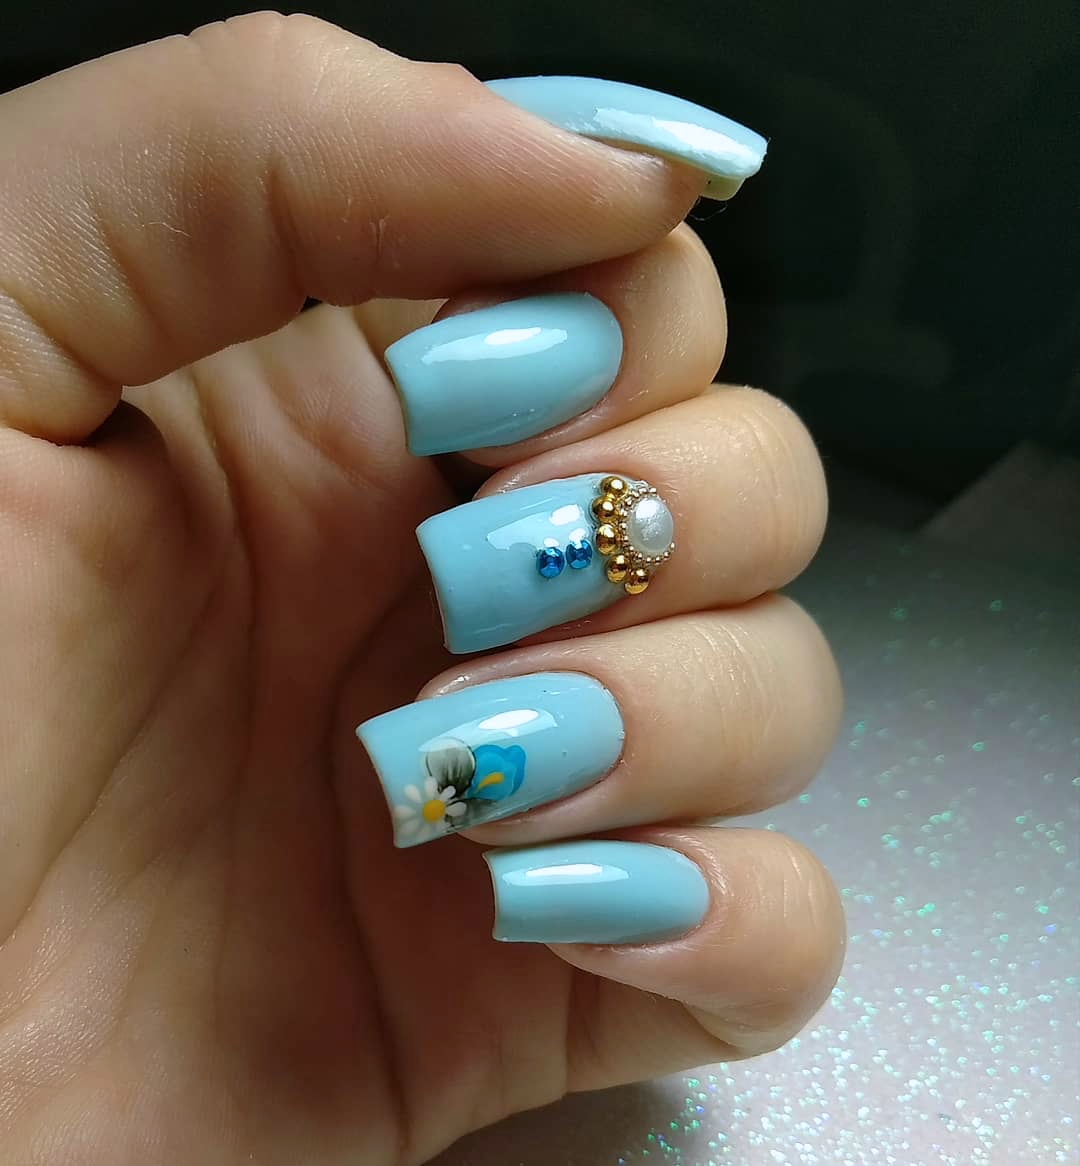 37 unhas com esmalte azul claro lindas e delicadas